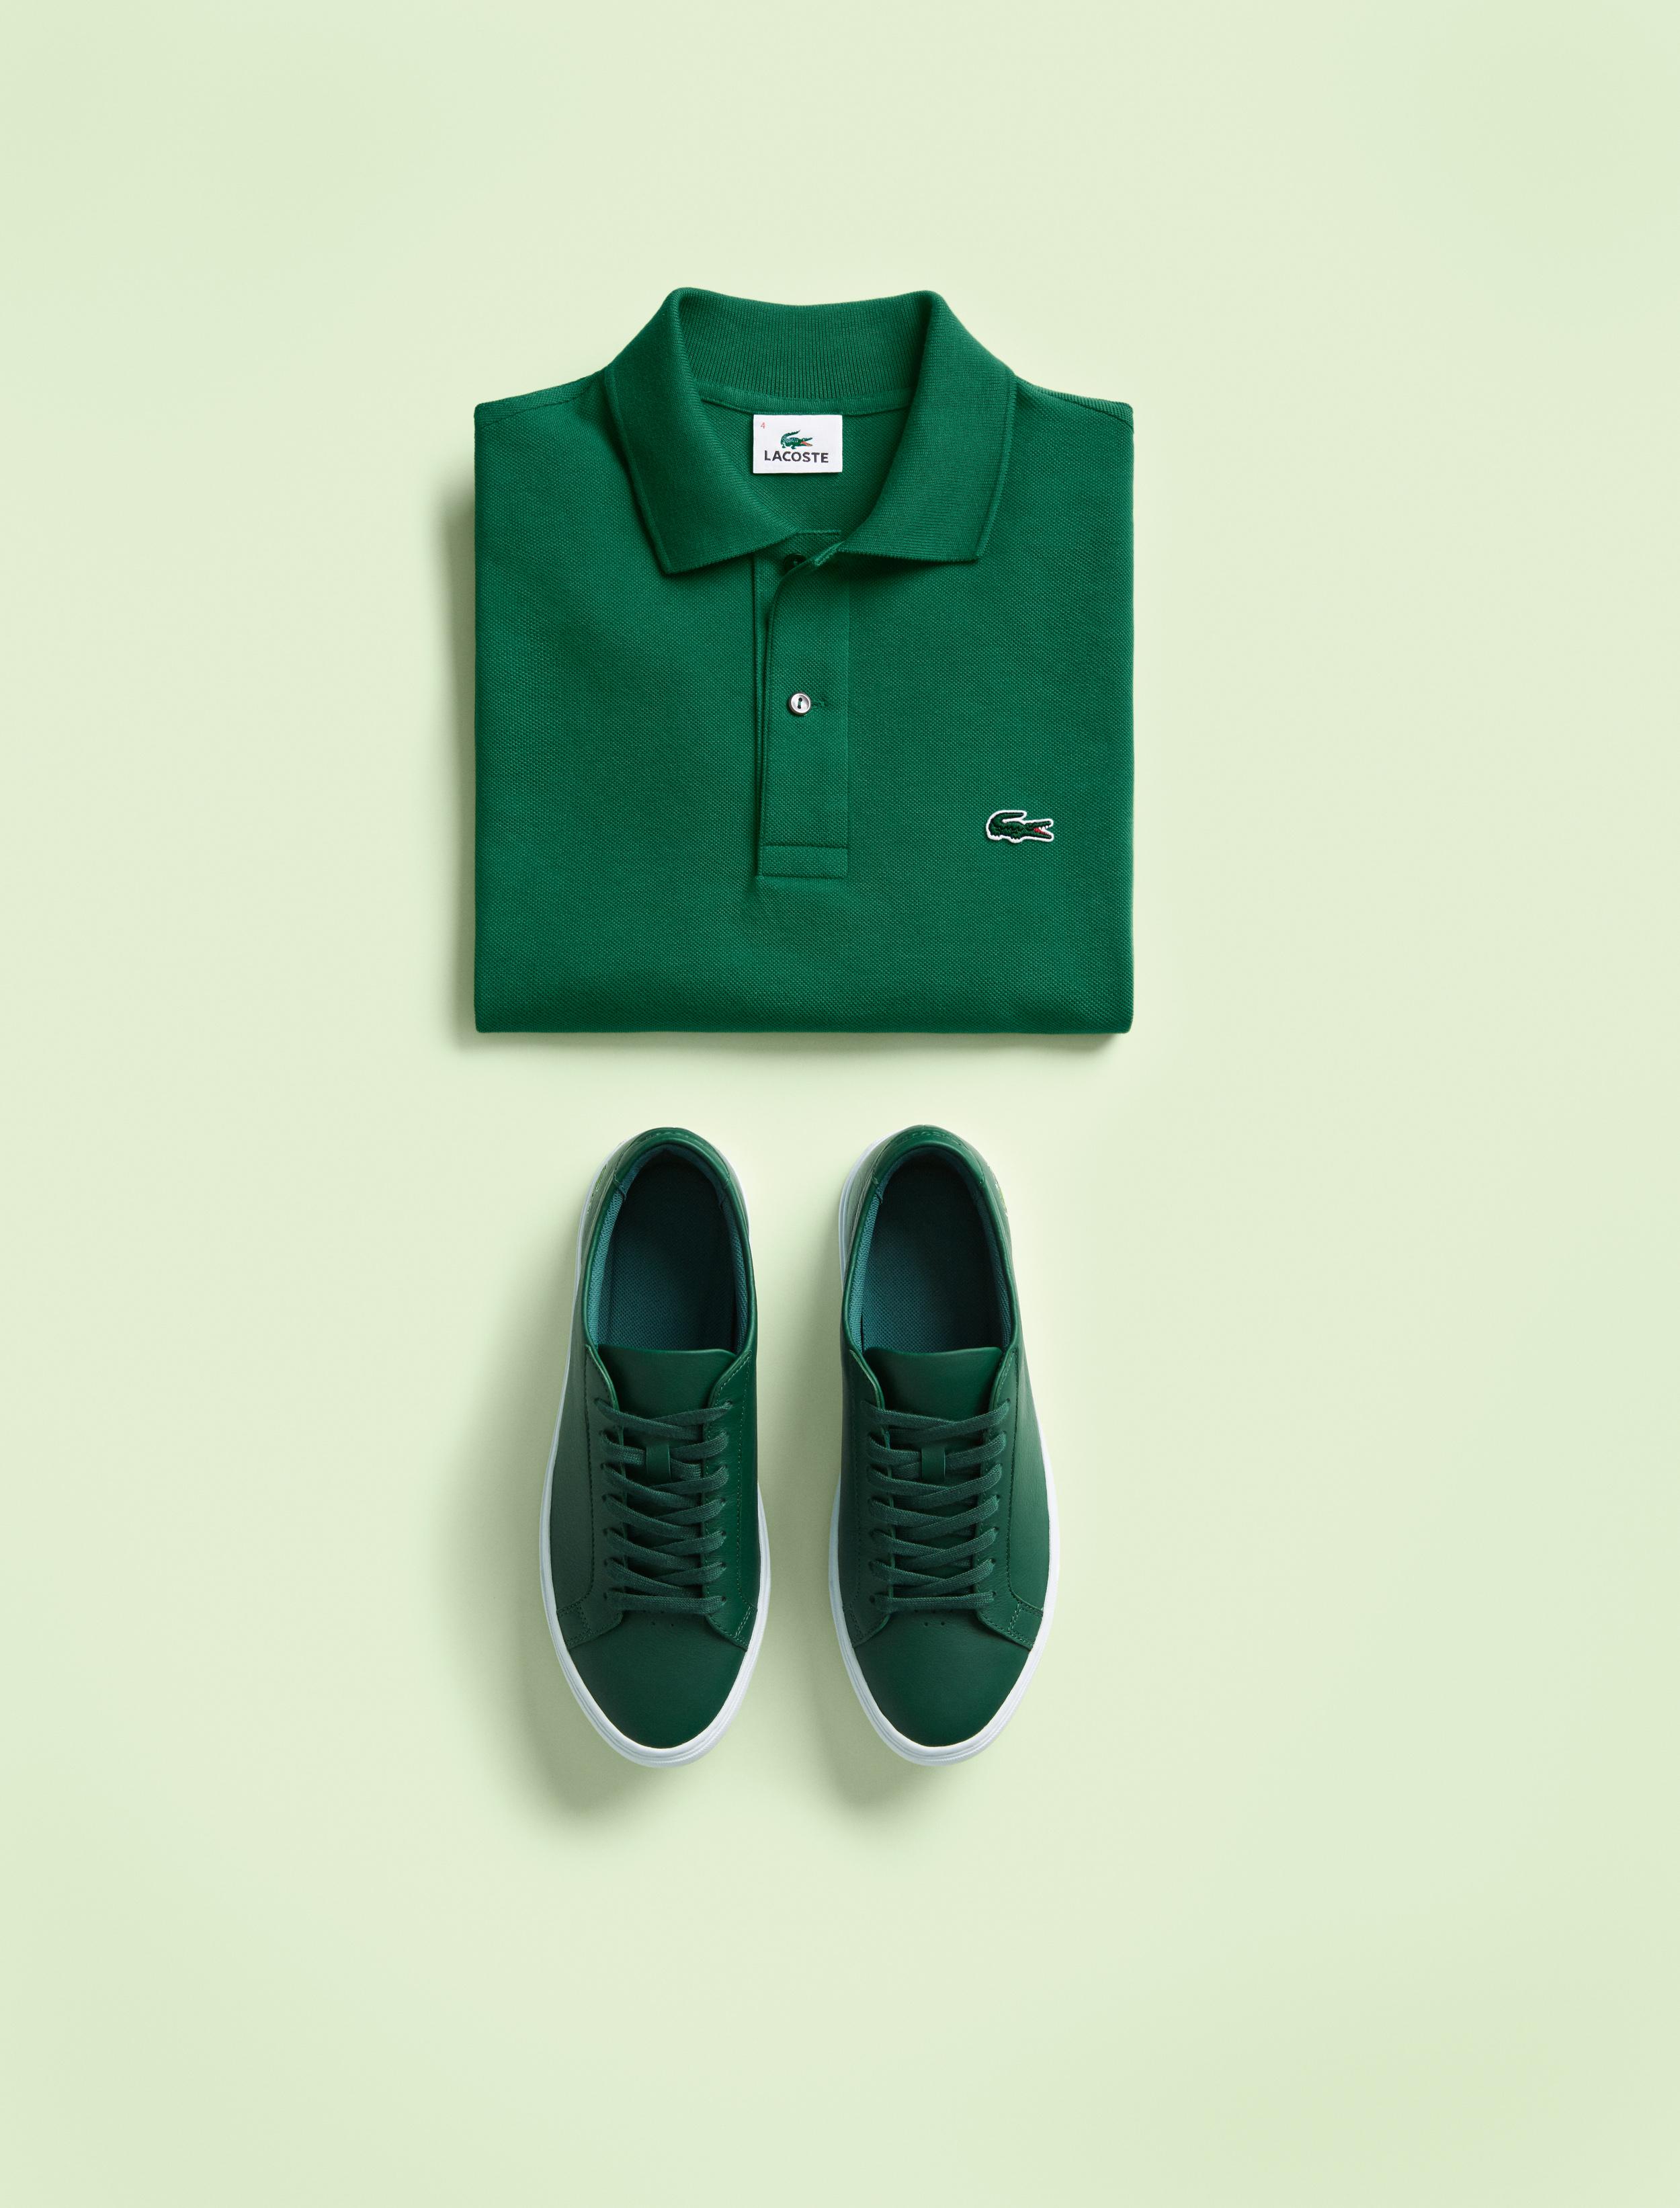 d9ae10685d Une nouvelle collection pour La Chaussure Lacoste L12.12 – May The ...